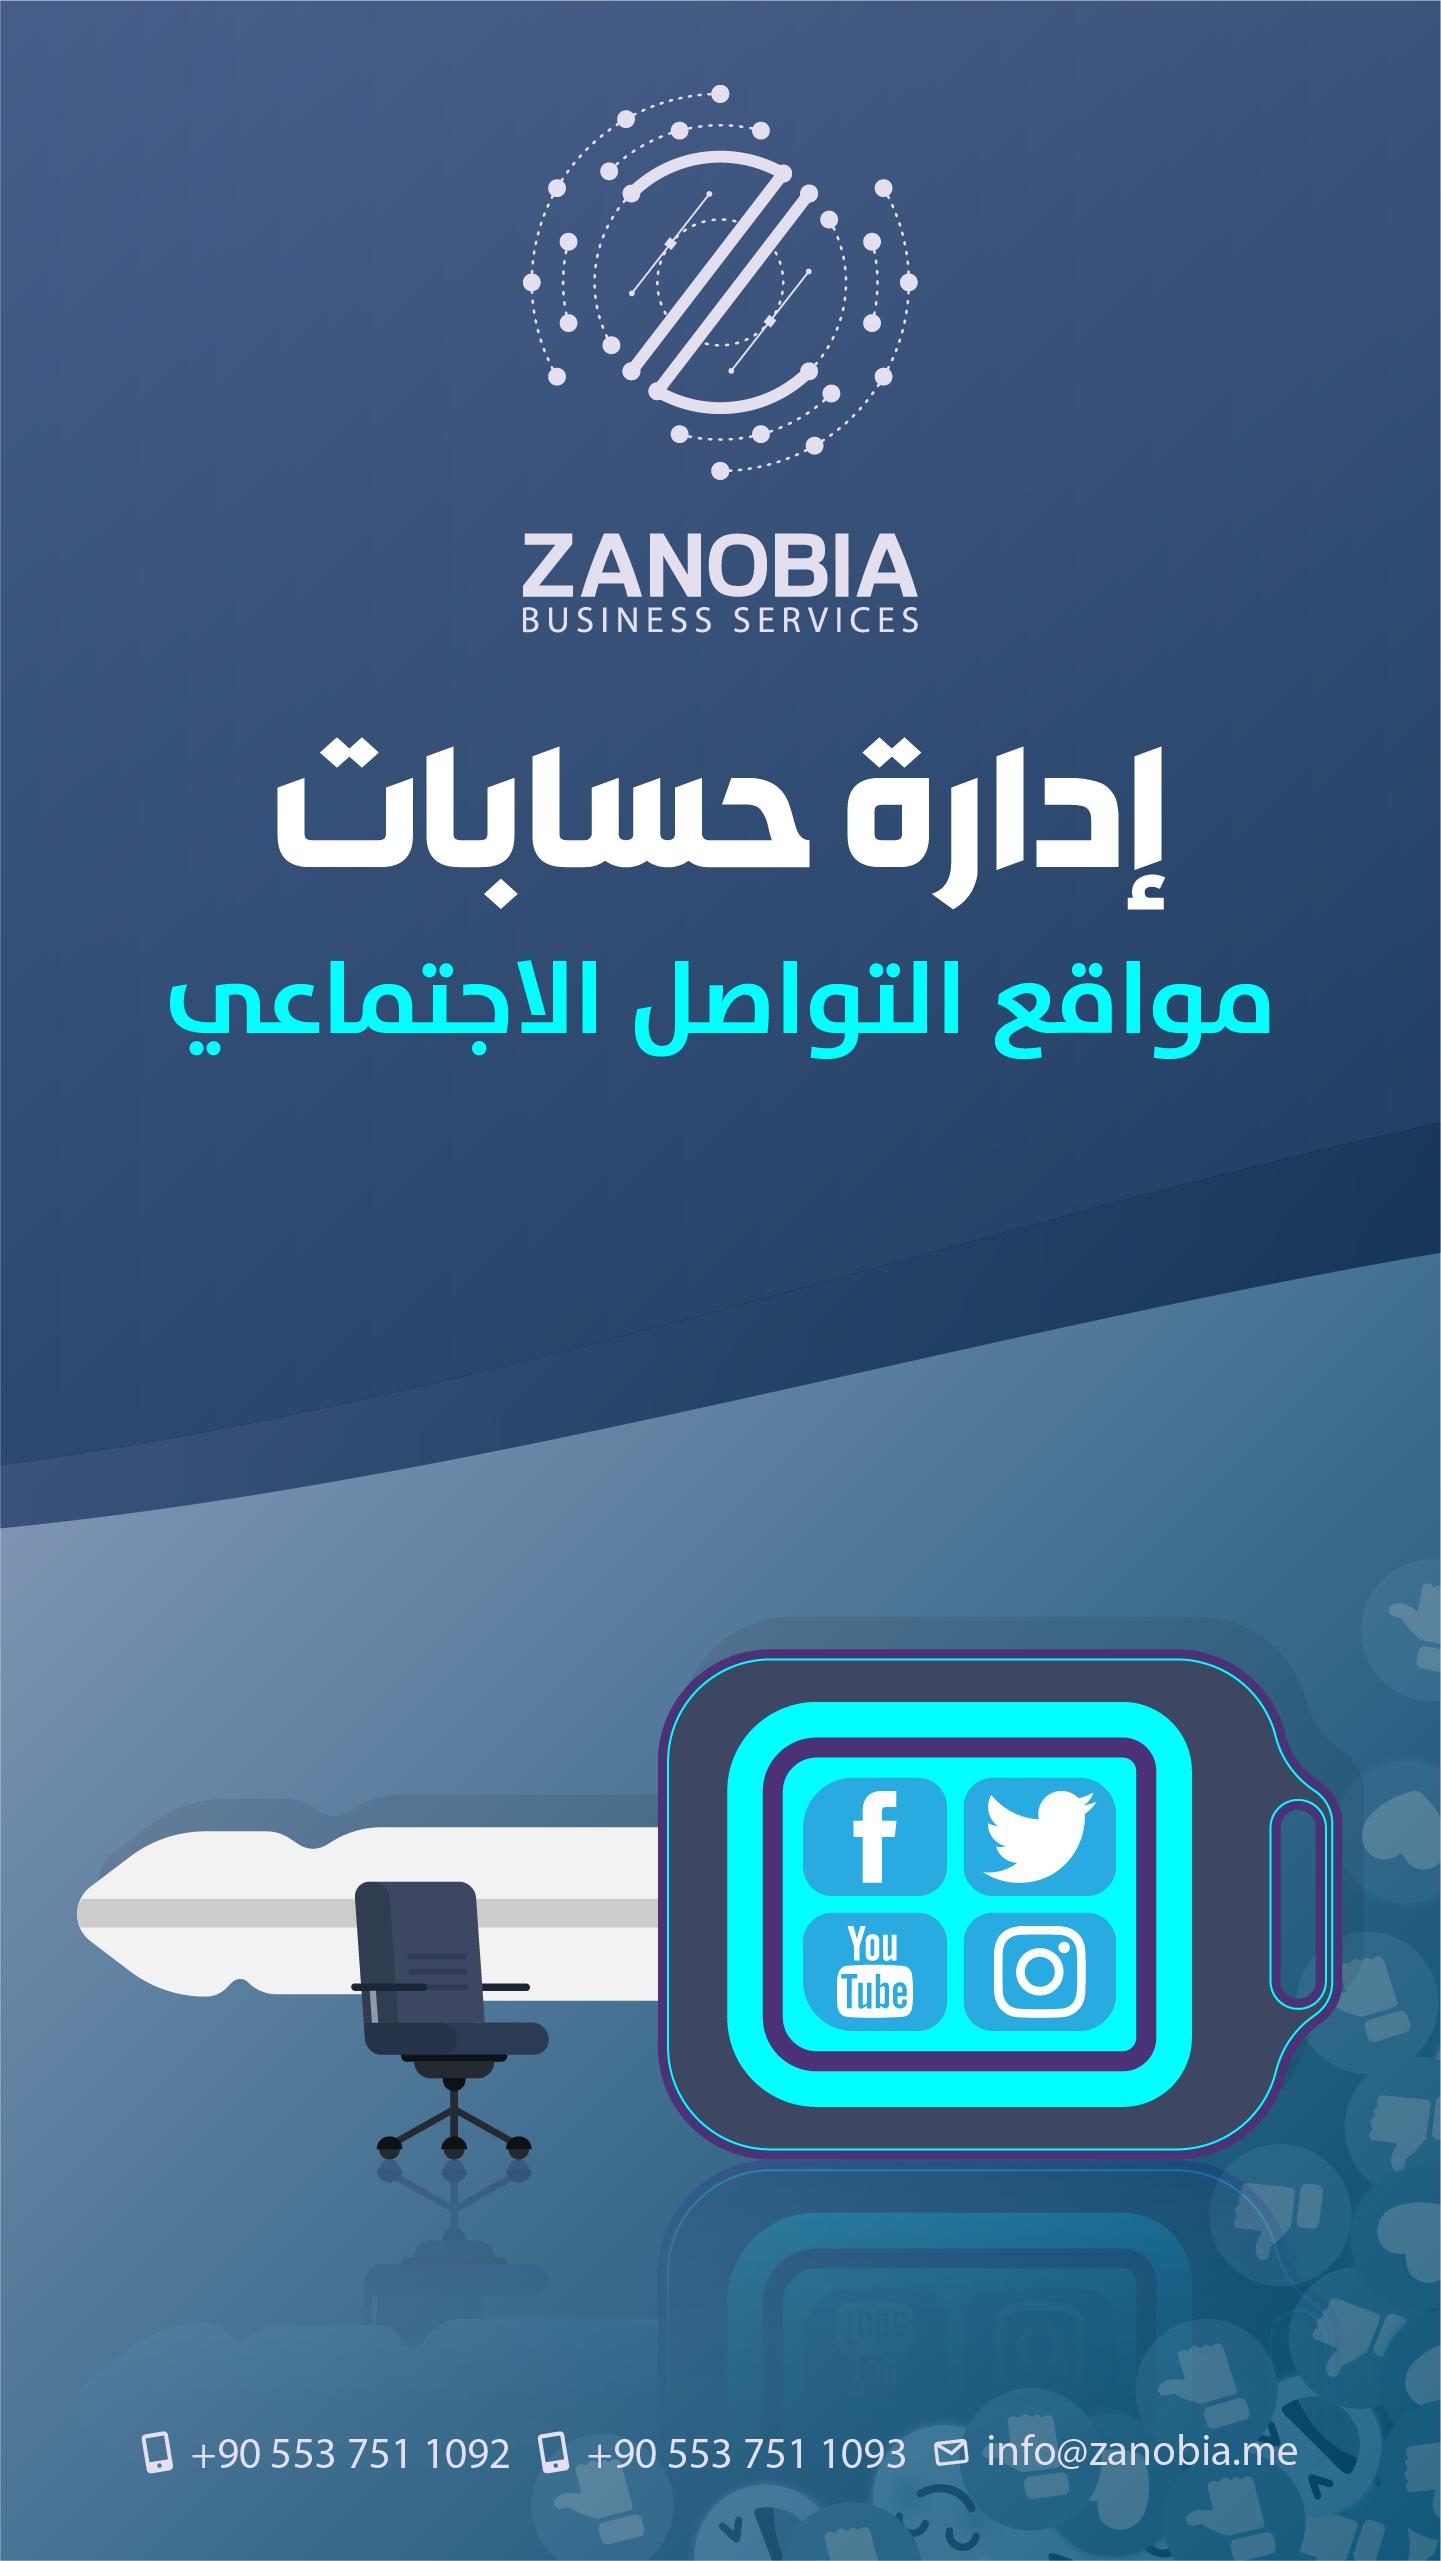 إدارة حسابات مواقع التواصل الاجتماعي للشركات Digital Marketing Social Media Marketing